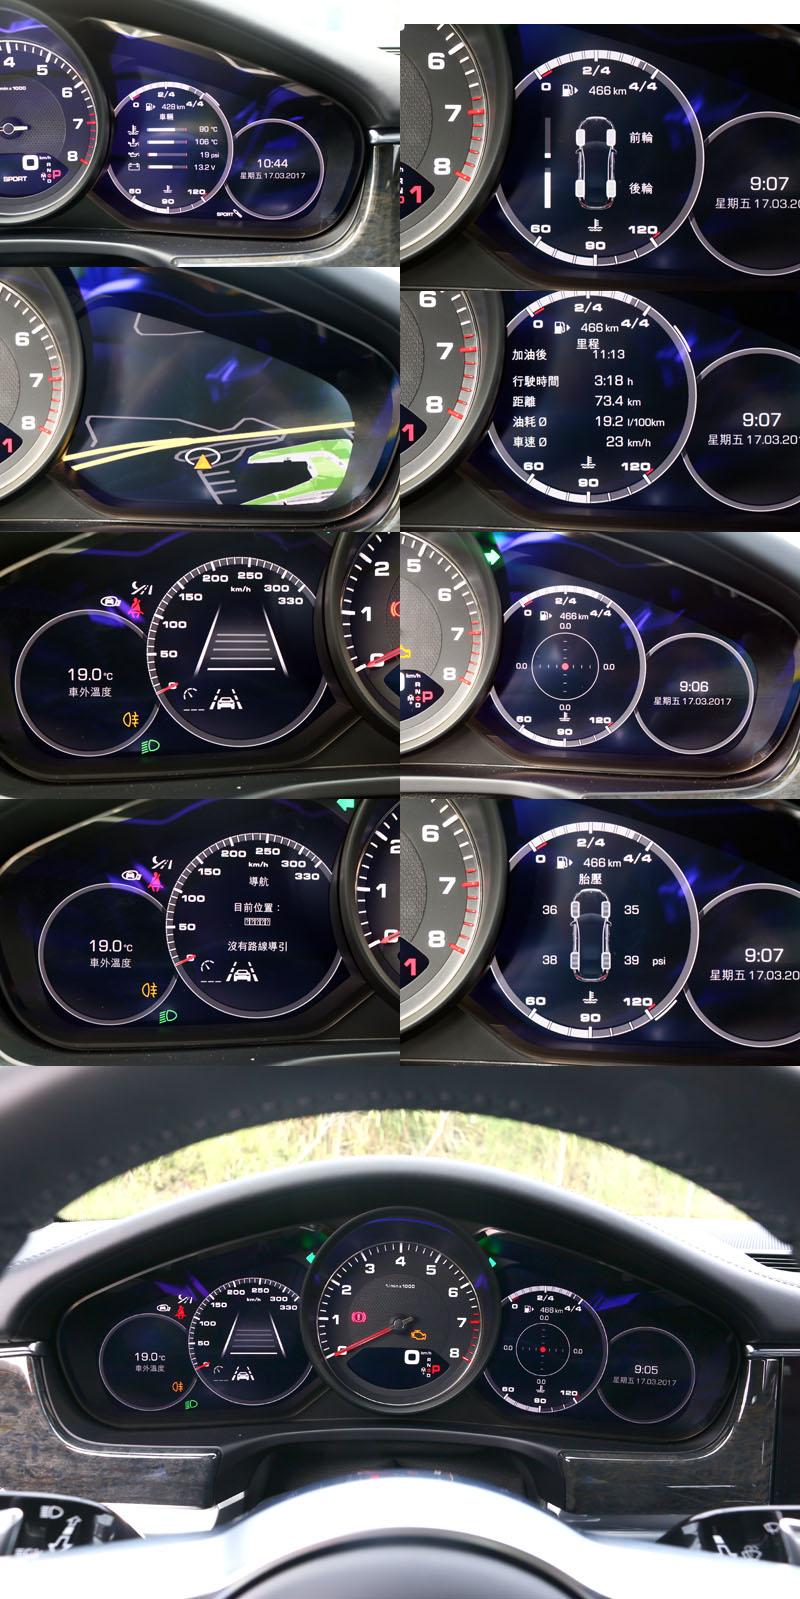 雖然全新Panamera大量導入數位化介面,但儀錶板中央仍維持傳統配置類比式的轉速錶,儘將兩側改為數位螢幕,可切換多種不同顯示功能。